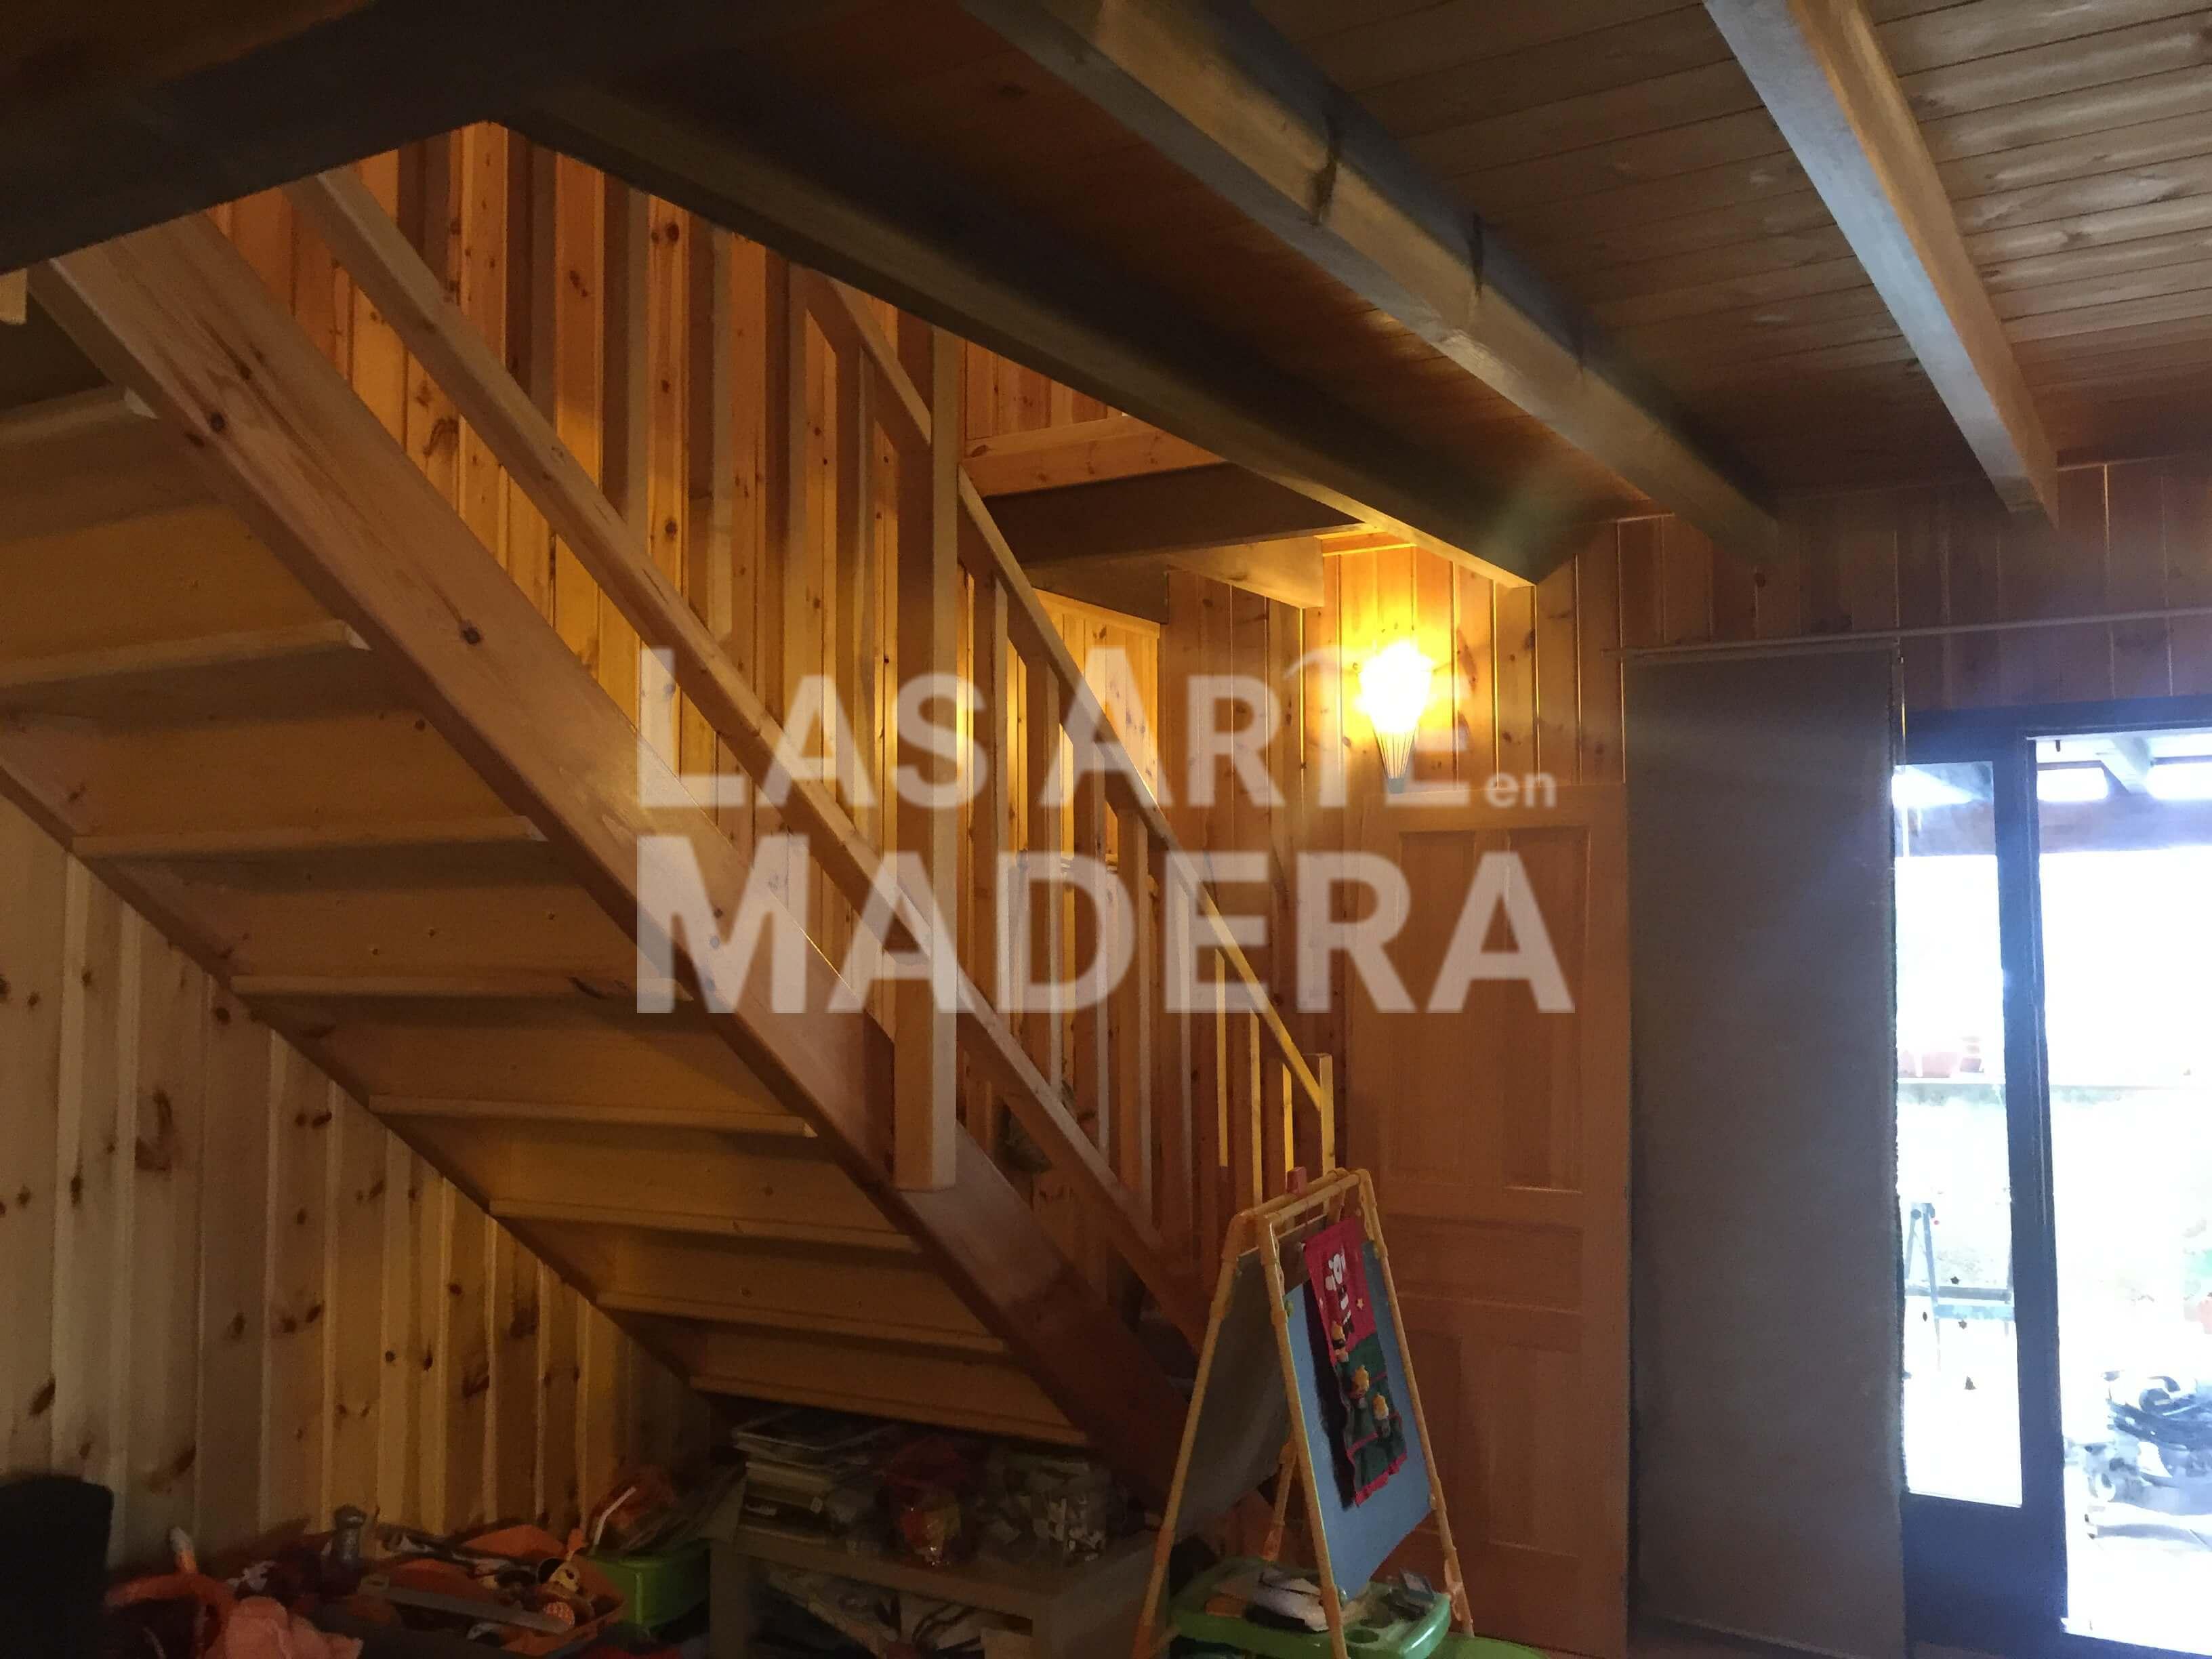 Escaleras de madera para interior en las artes en madera - Escaleras de interior de madera ...